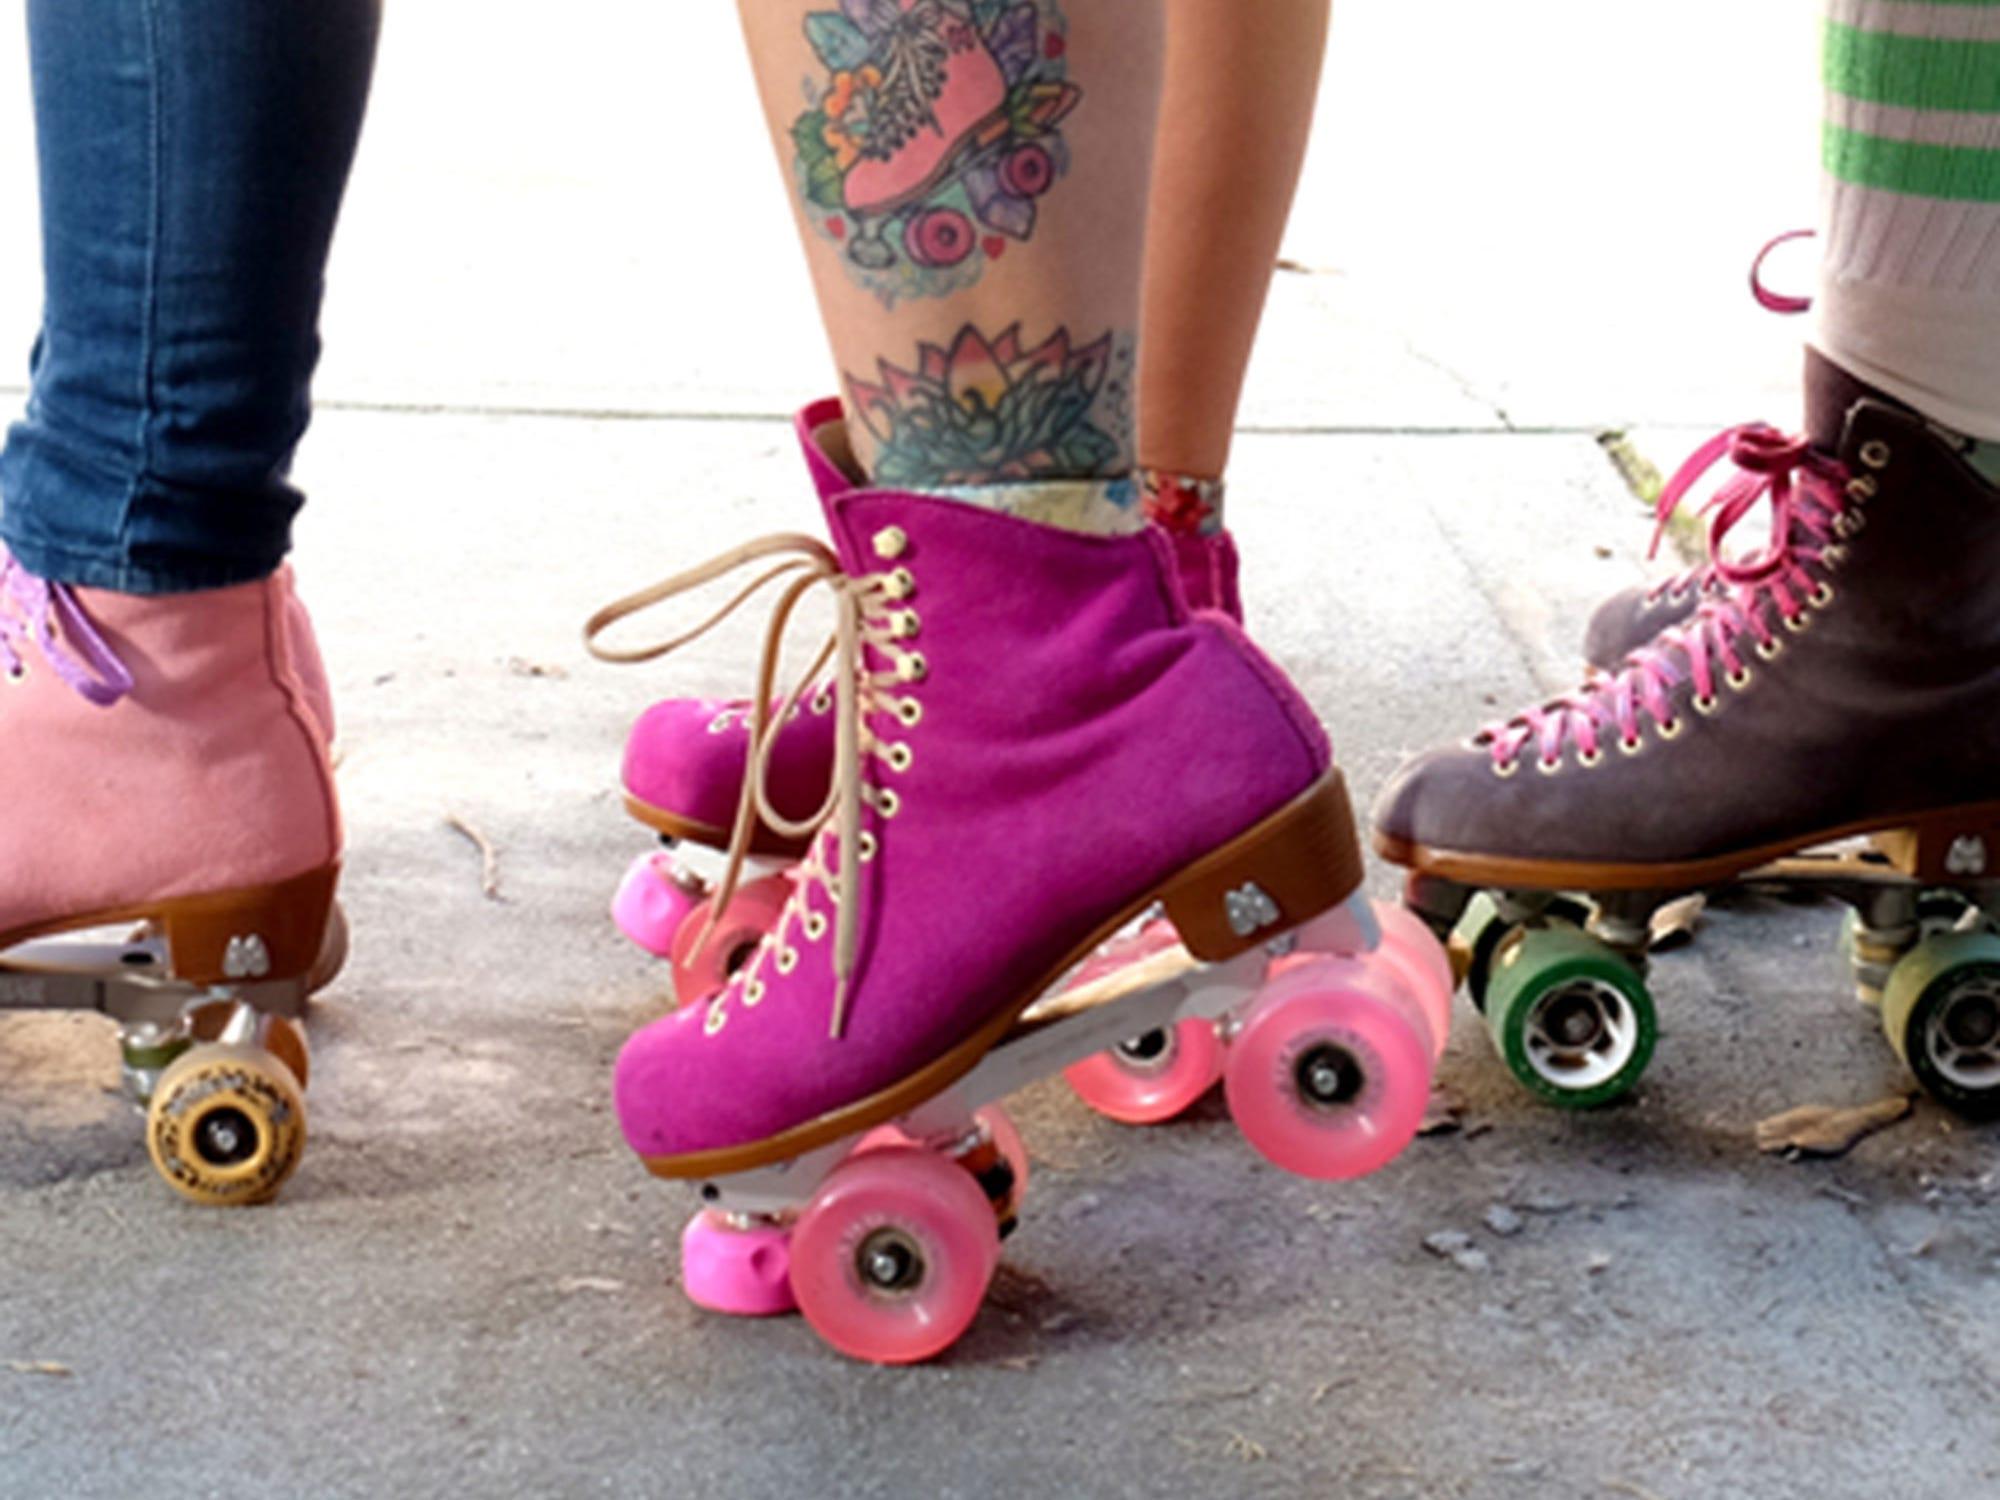 Roller skates videos youtube - Roller Skates Videos Youtube 28